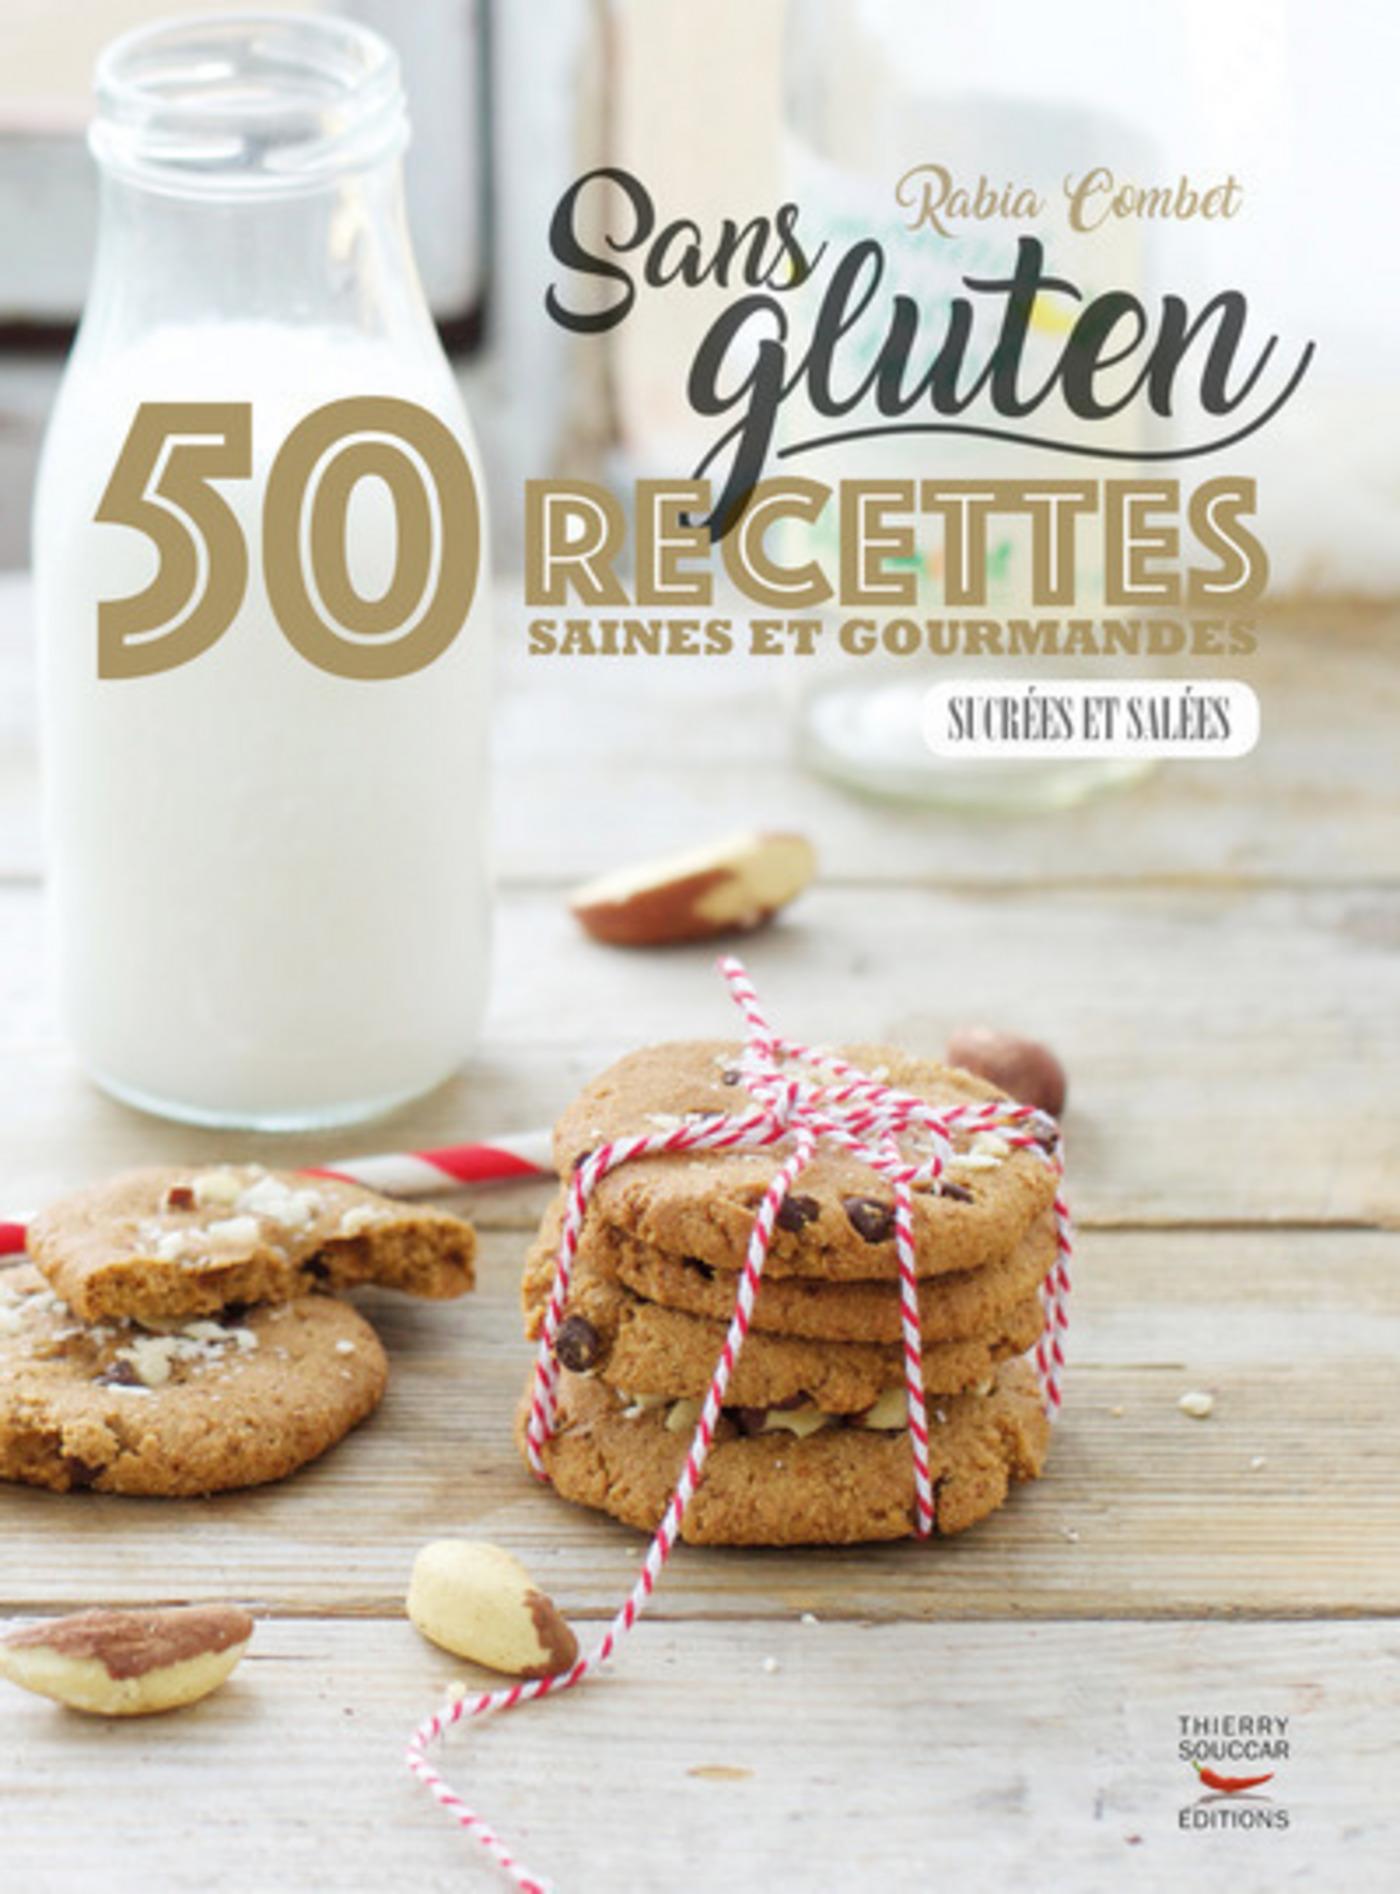 Sans gluten - 50 recettes saines et gourmandes salées & sucrées